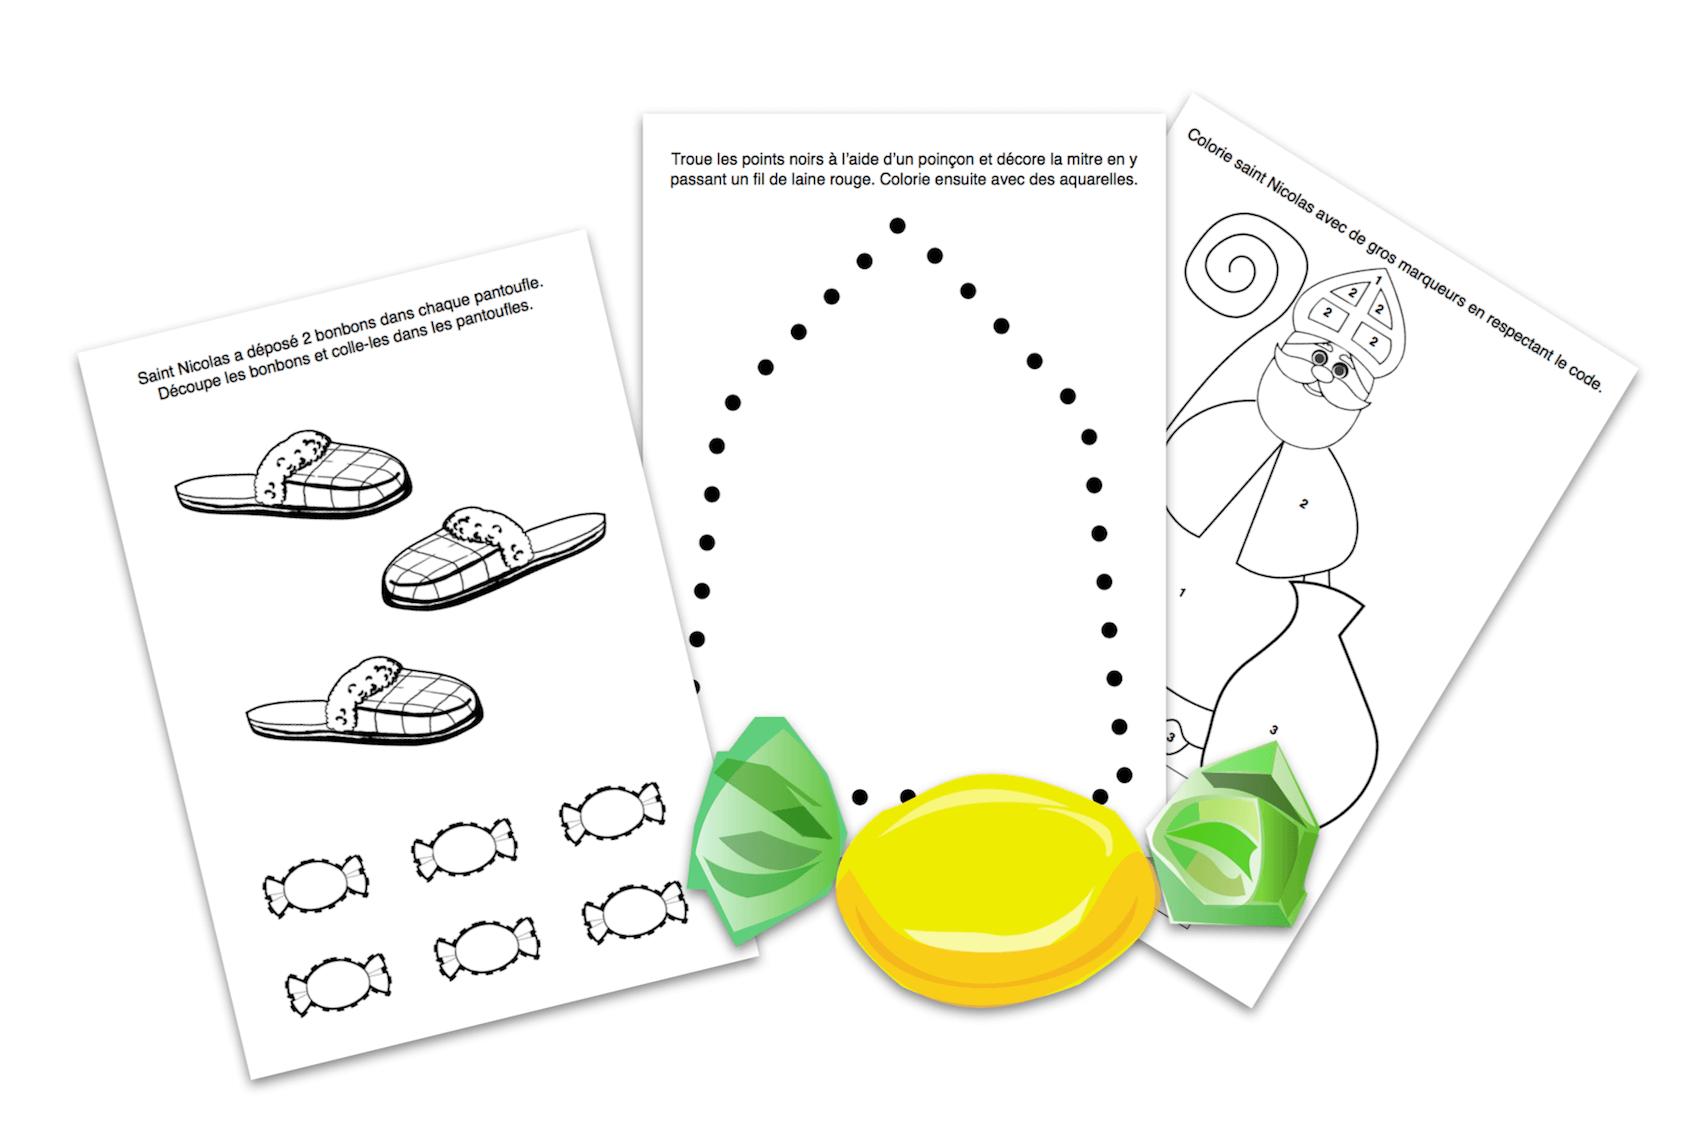 Didactécole - Exercices Pour La Classe Maternelle dedans Exercice Grande Section Maternelle Gratuit A Imprimer